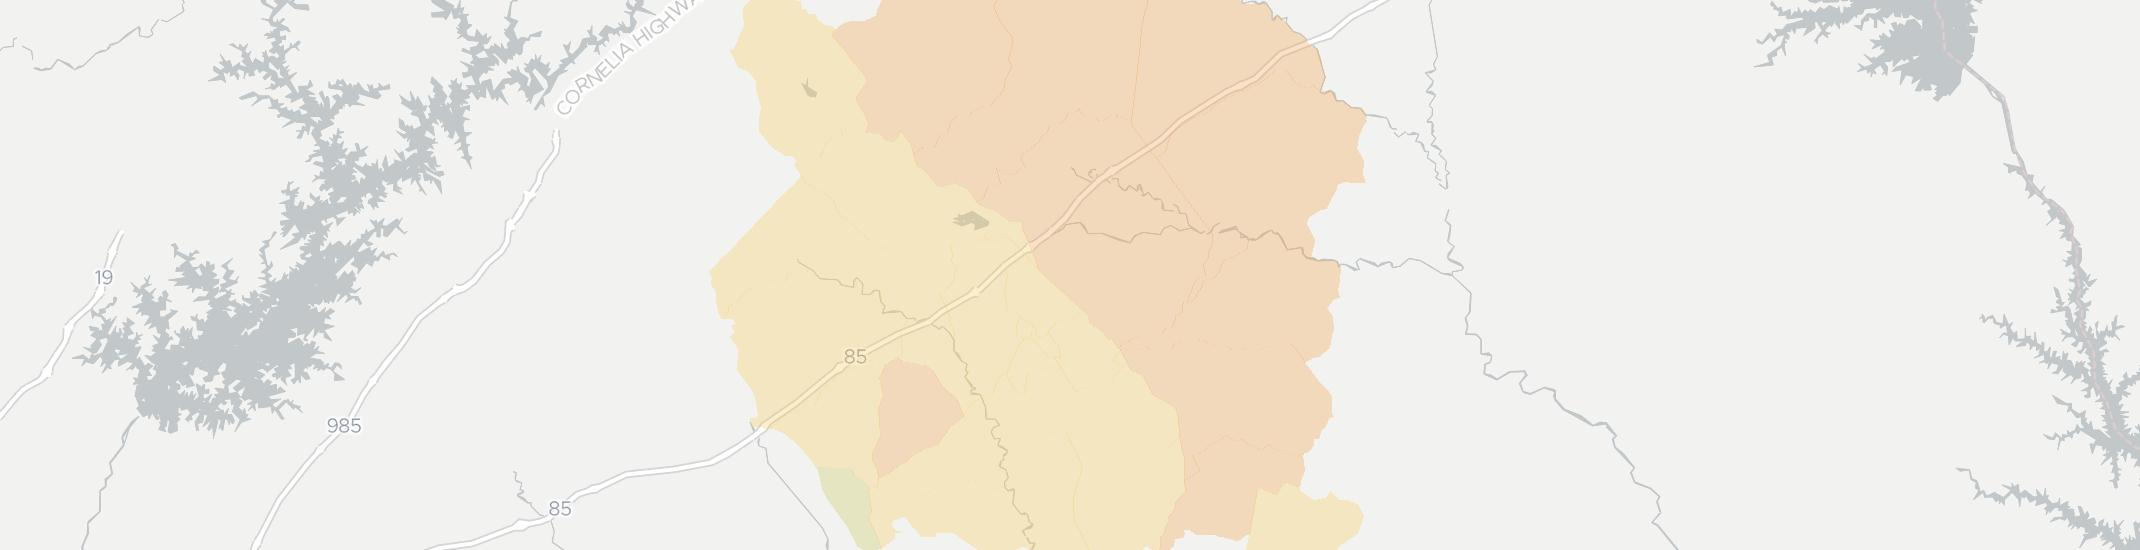 Commerce Georgia Map.Internet Providers In Commerce Ga Compare 9 Providers